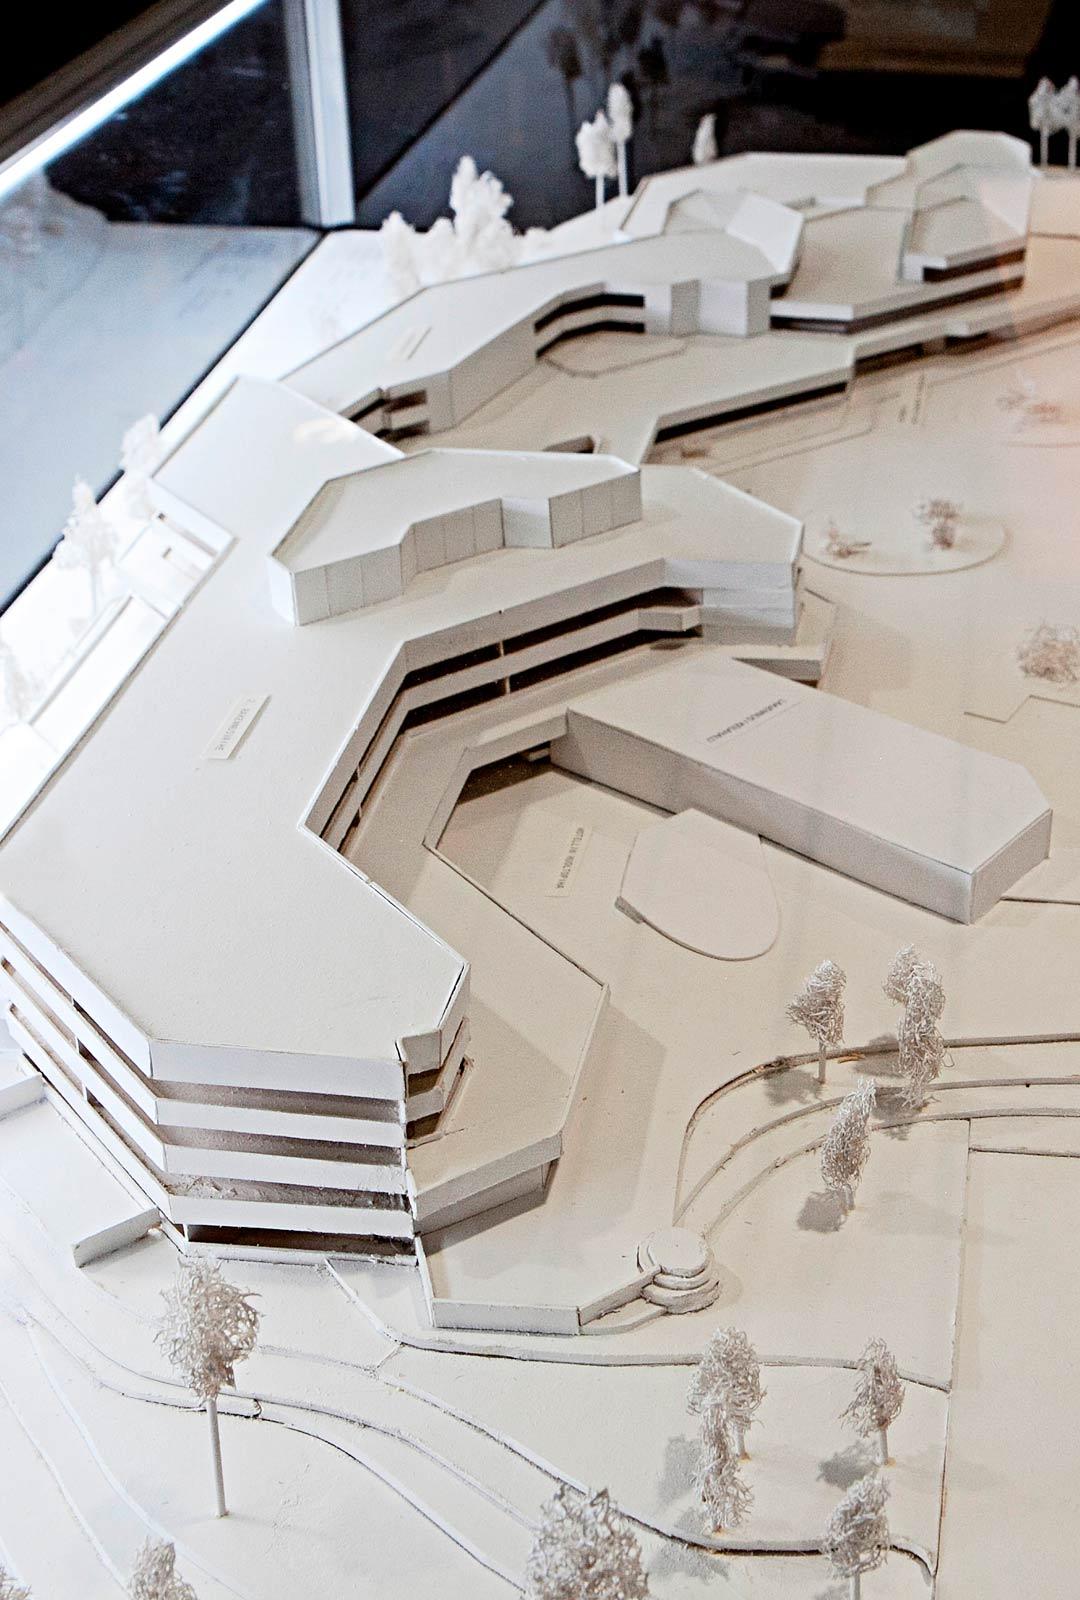 Hotelli Laajavuori on kokenut laajennuksen kahdesti. Kylpylä- ja wellness-osasto rakennettiin vuonna 2009. Rakennuksen ideana on panoraama Tuomiojärven yli kaupunkiin.